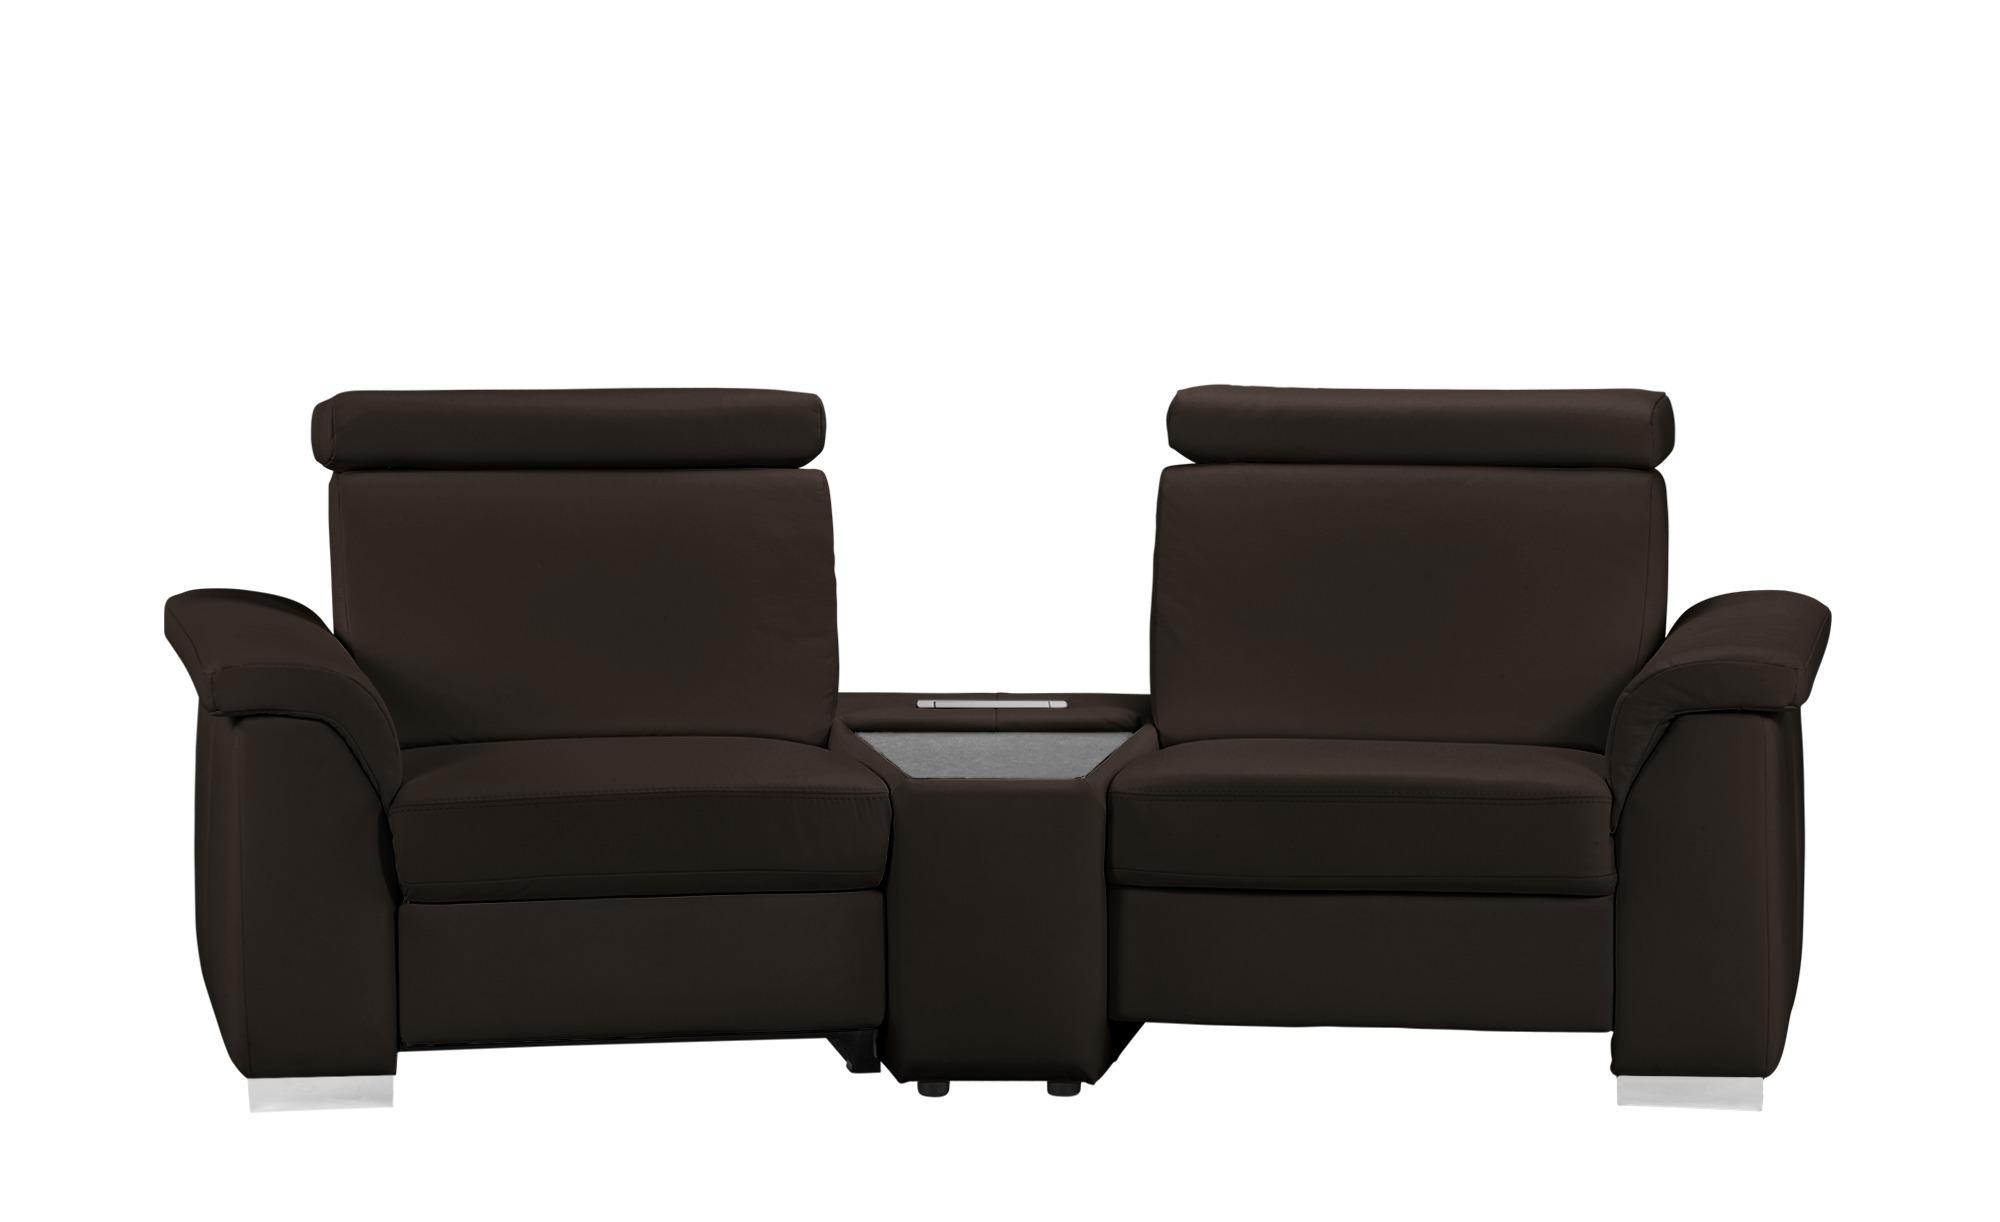 Polstermöbel Oelsa Cinema-Sofa braun - Leder München ¦ braun ¦ Maße (cm): B: 252 H: 91 T: 99 Polstermöbel > Sofas > 2-Sitzer - Höffner